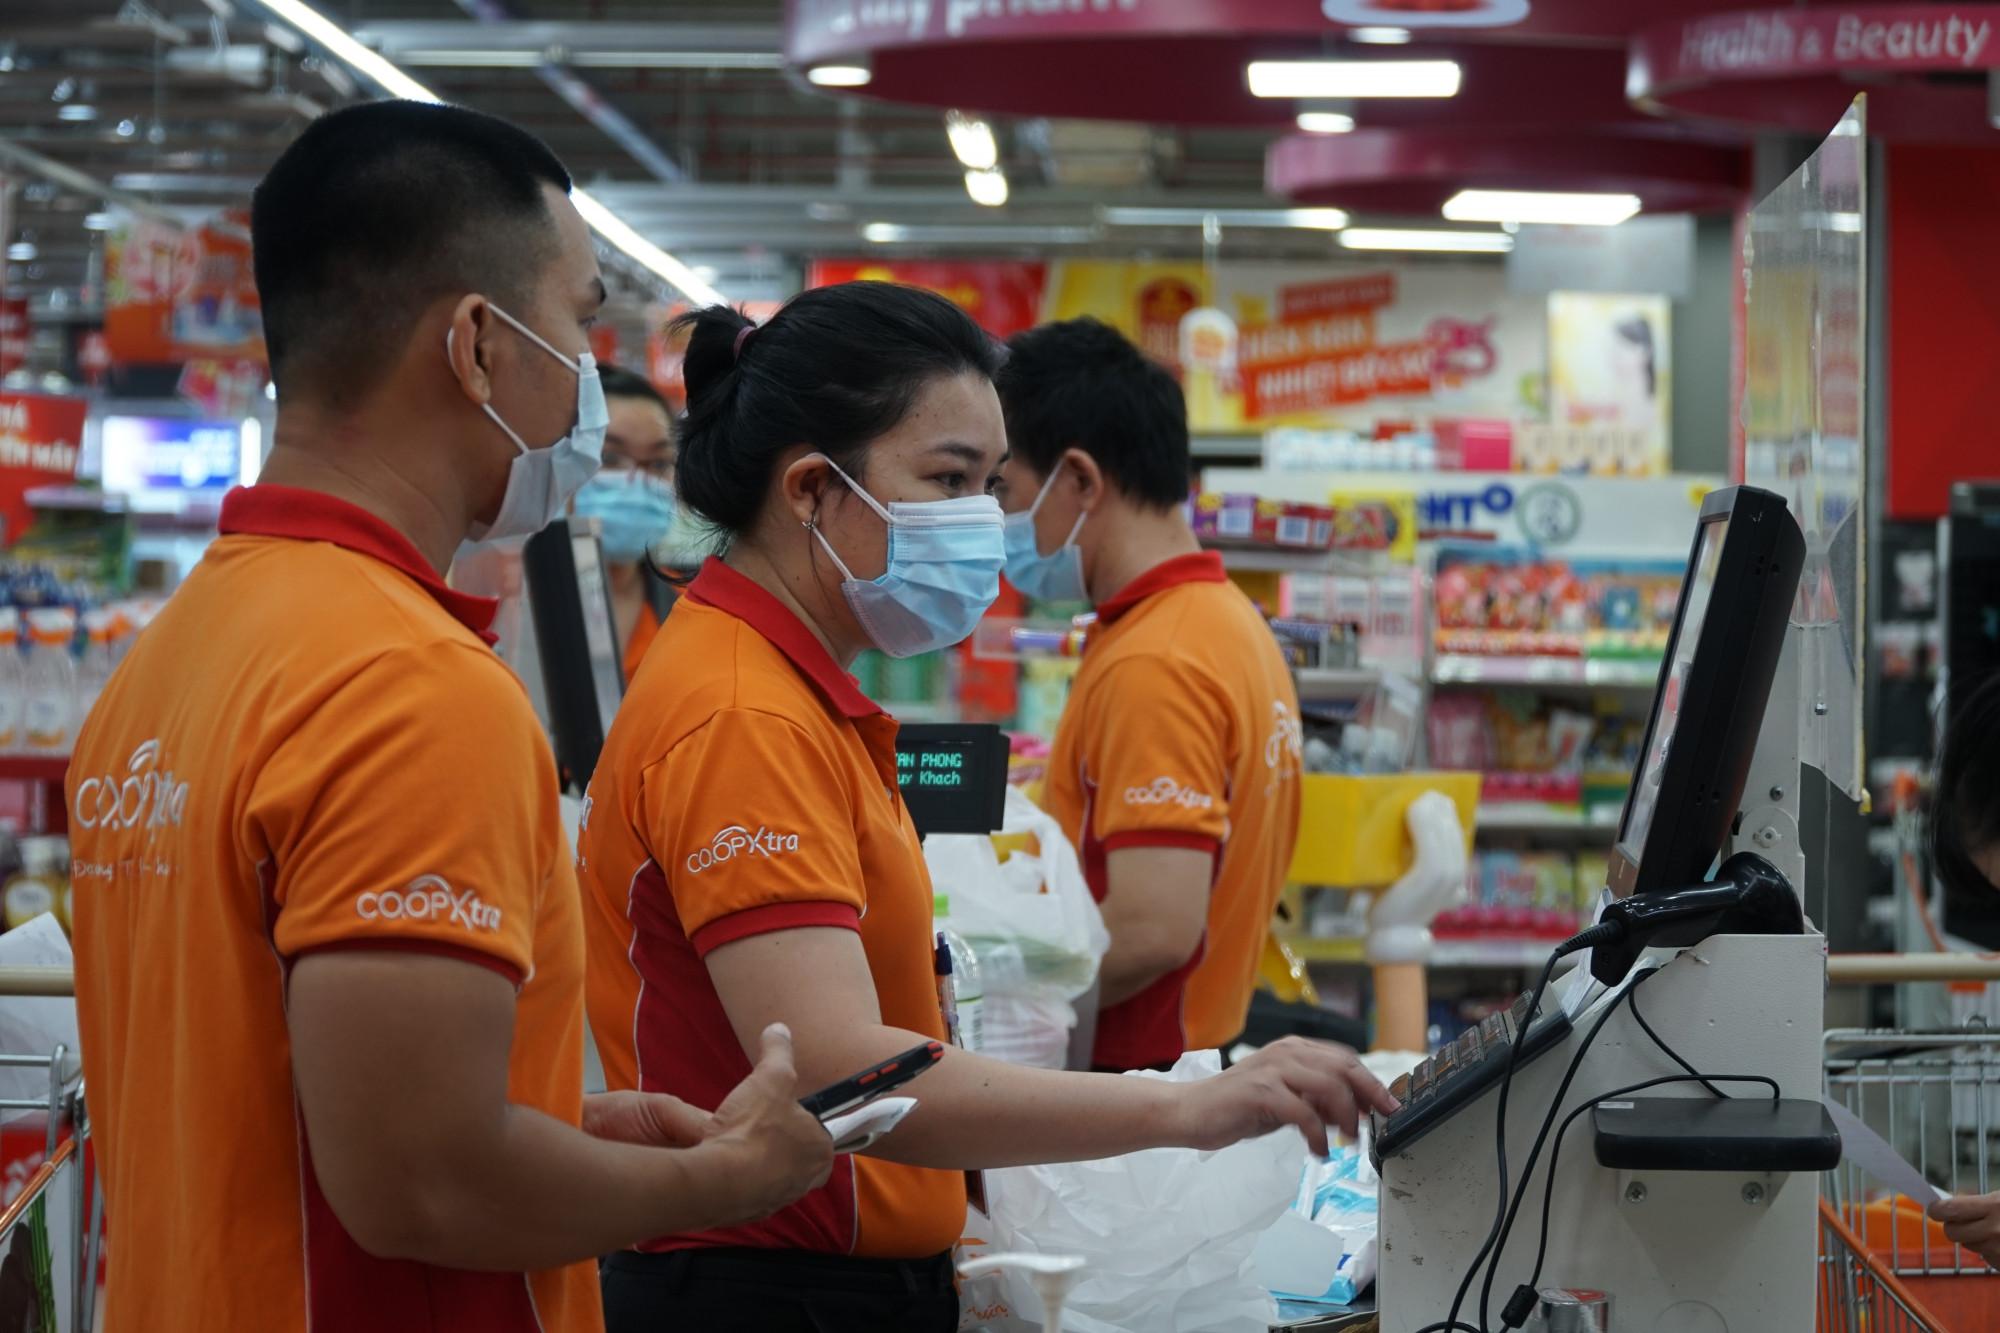 Tại Co.op Xtra Tân Phong, mọi thứ đã sẵn sáng để phục vụ người dân